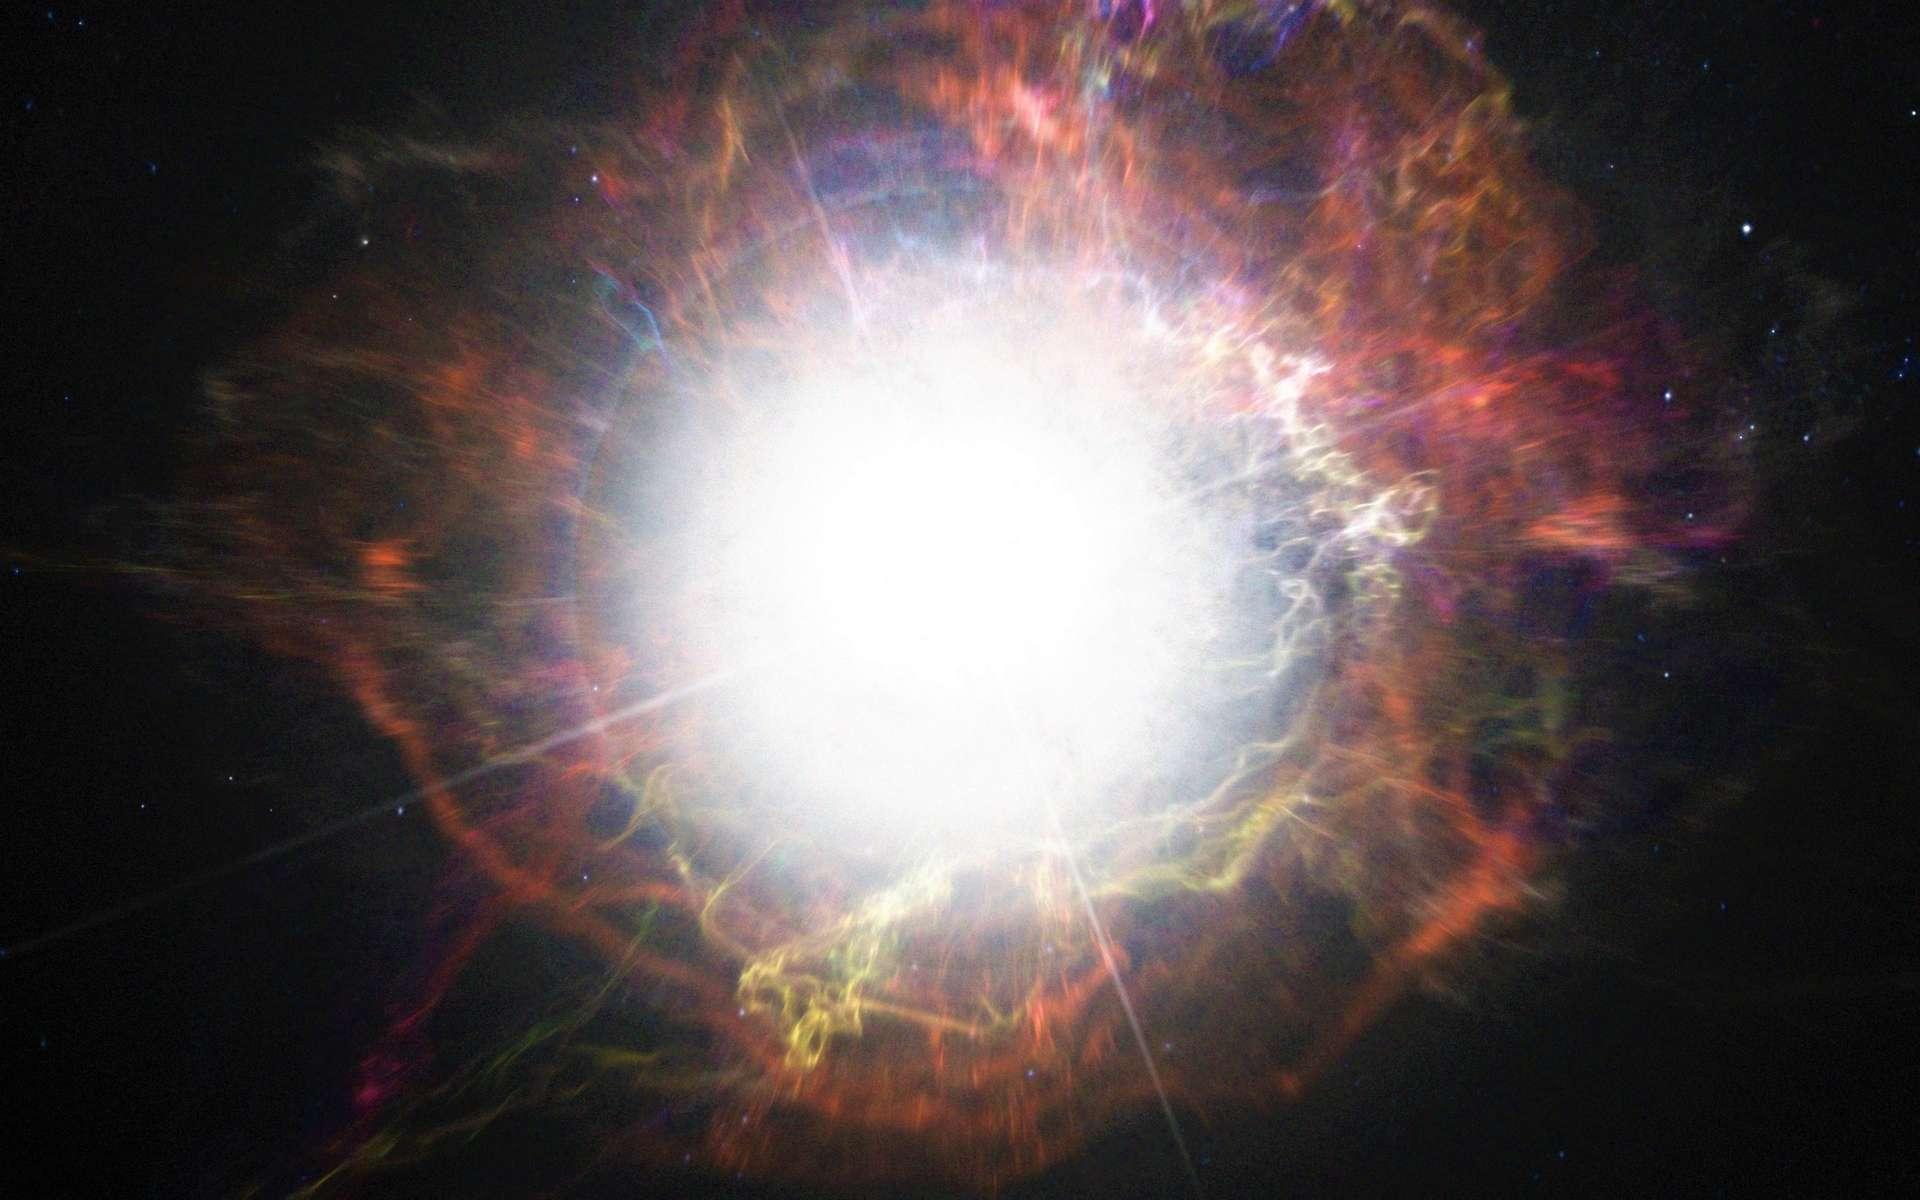 Les supernovae de type Ia apparaissent après l'explosion d'une naine blanche. Une naine blanche relativement massive, pensaient les chercheurs. Mais il apparaît aujourd'hui que les premières d'entre elles ont pu exploser alors même qu'elles étaient relativement petites. © ESO/M. Kornmesser